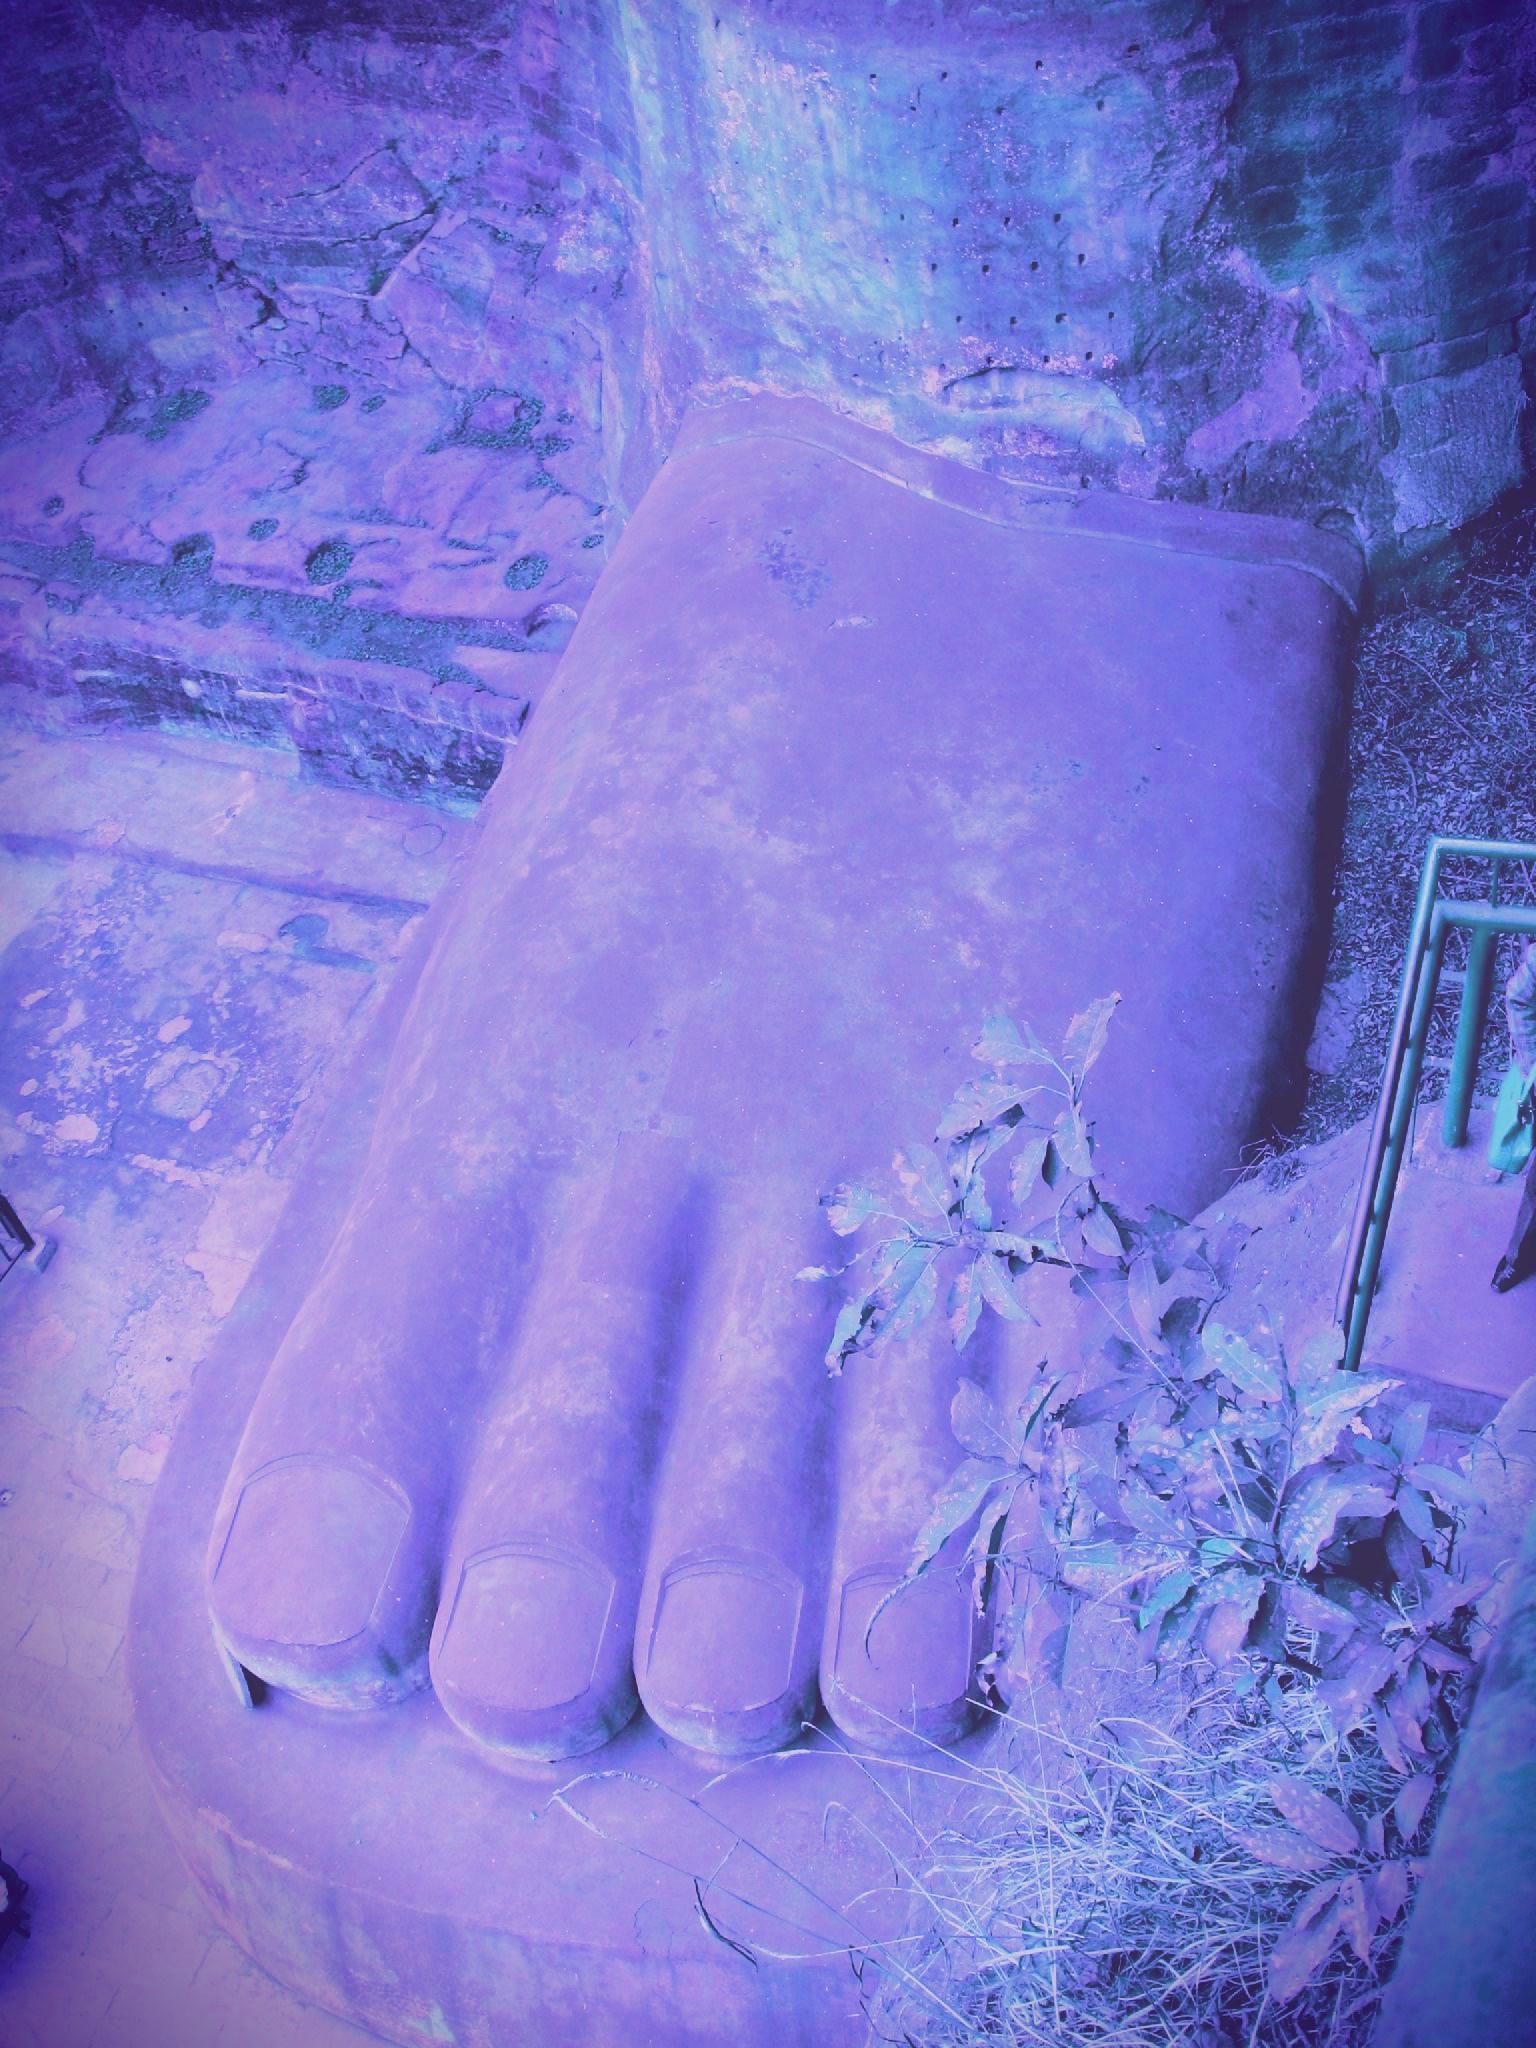 Le Grand Bouddha de Leshan : le plus grand Bouddha du monde